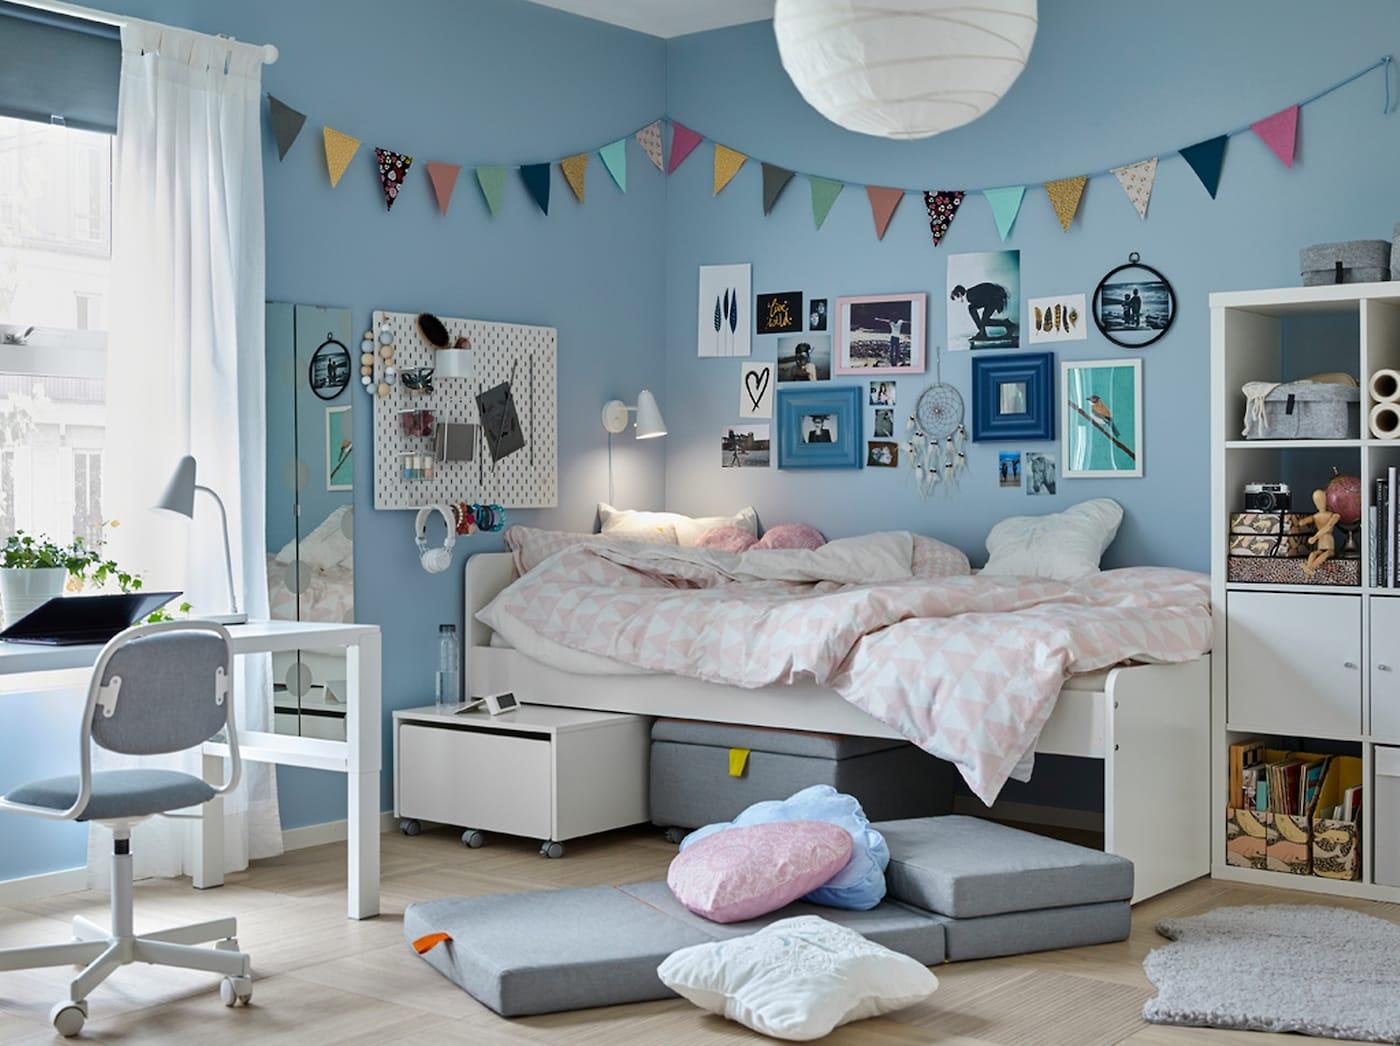 EnfantMeublesAccessoiresJouet Bébé Ikea Et Jeux EnfantMeublesAccessoiresJouet Et Bébé LA54Rj